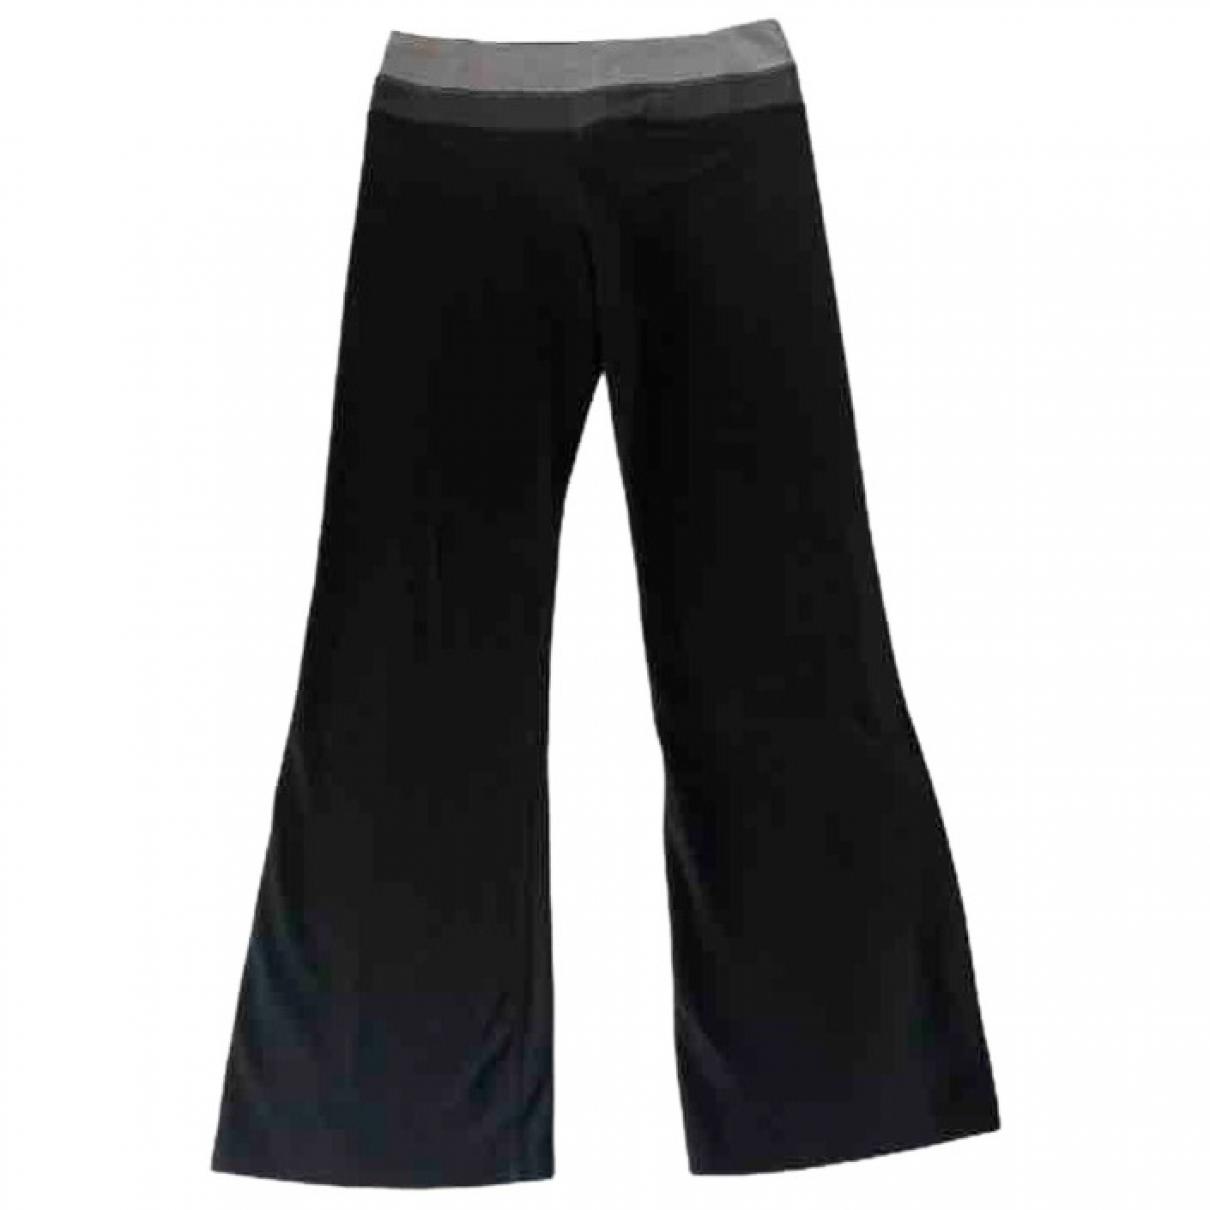 Lululemon \N Black Cotton Trousers for Women S International